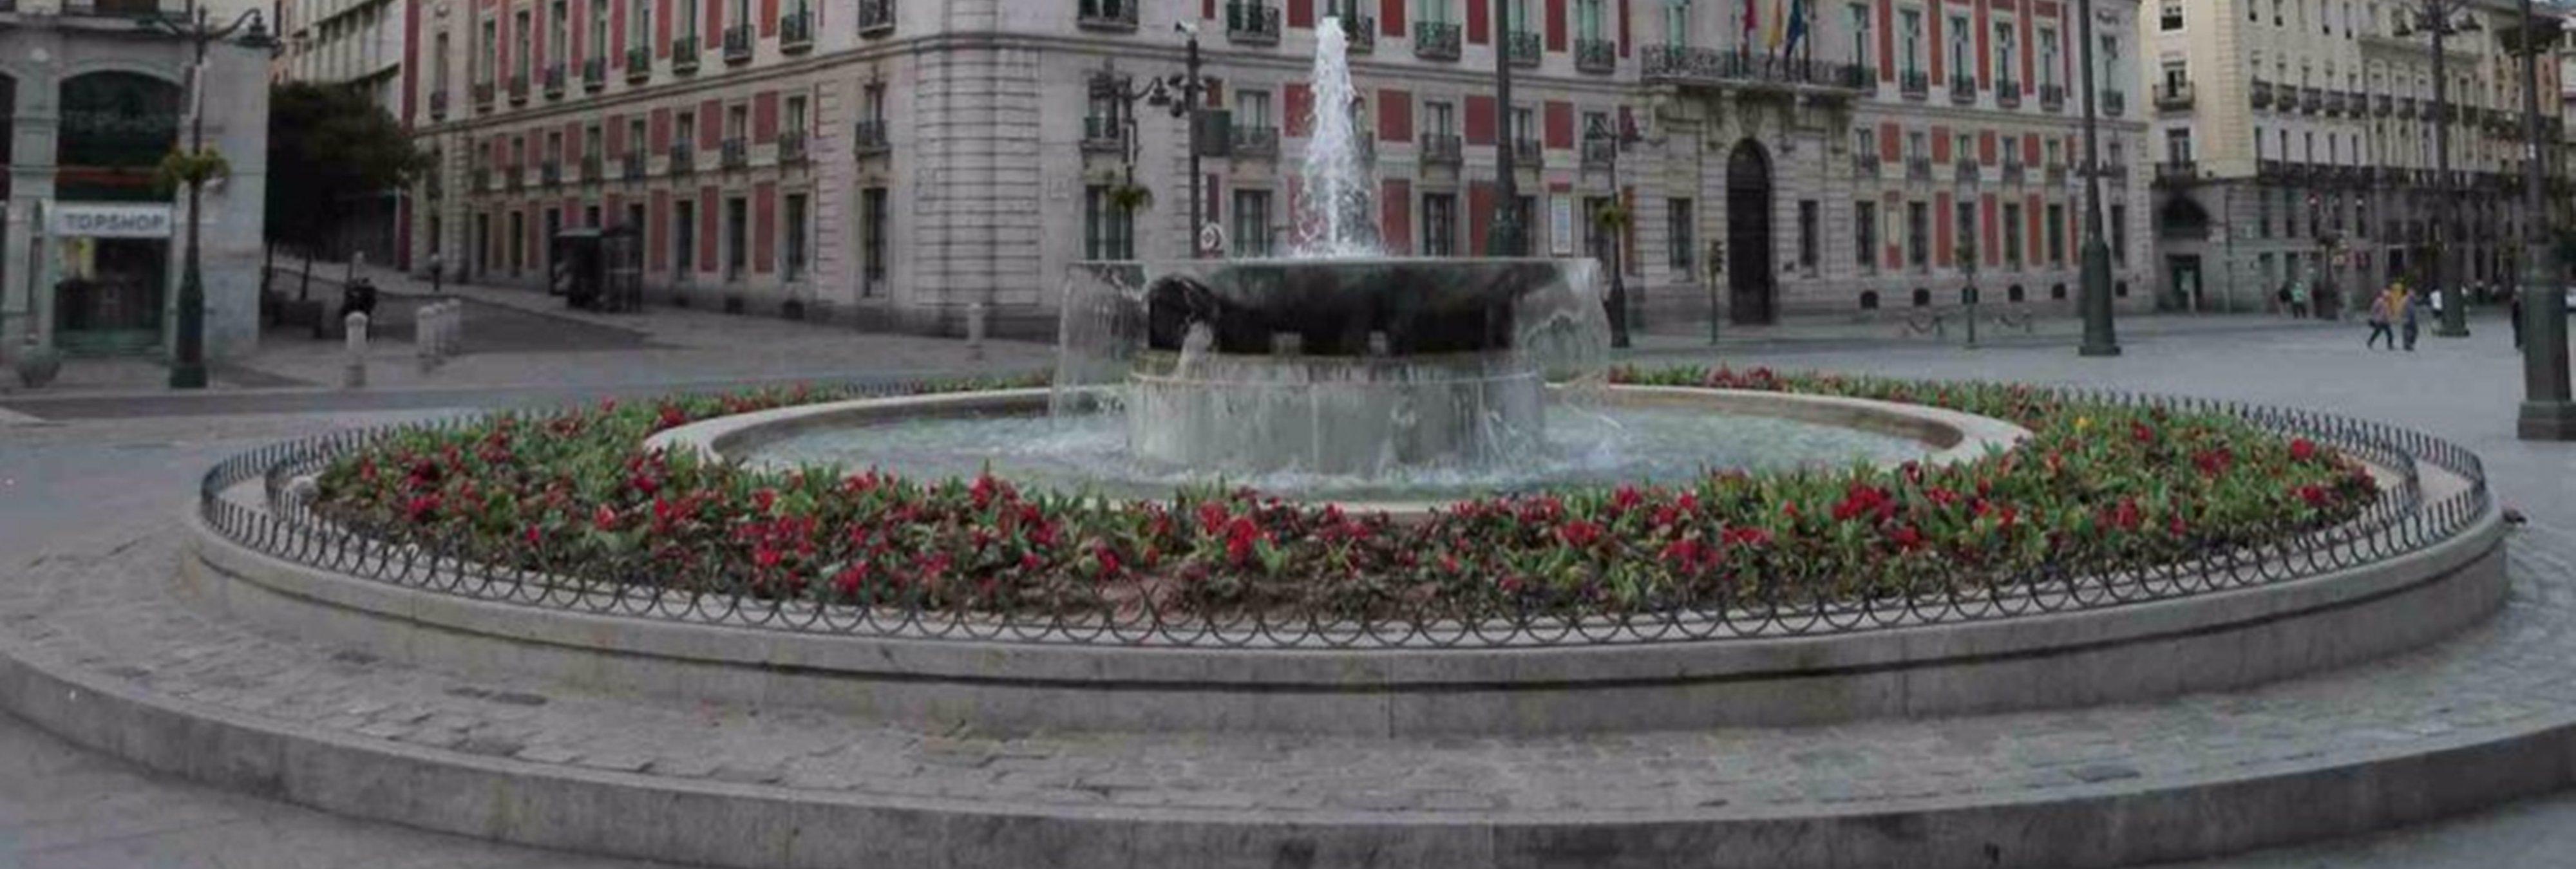 Una mujer es detenida por bañarse desnuda en la fuente de la Puerta del Sol